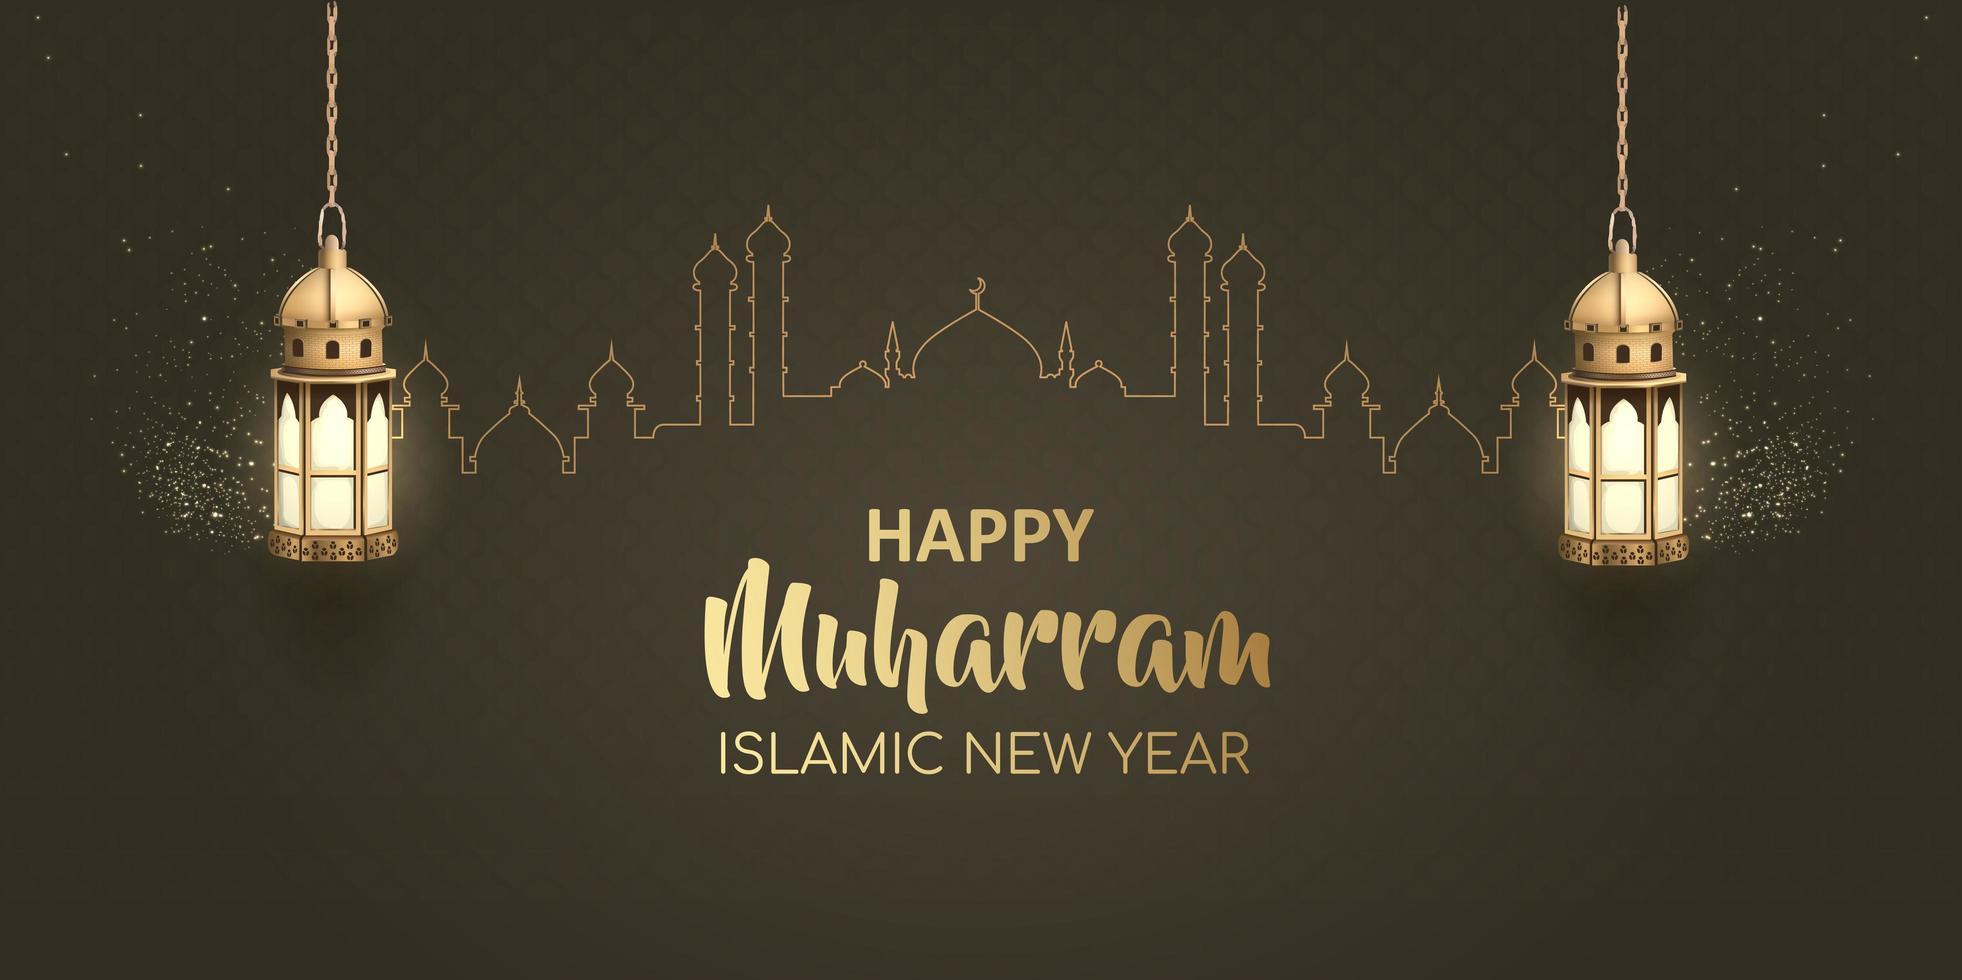 conception de nouvel an islamique muharram heureux vecteur